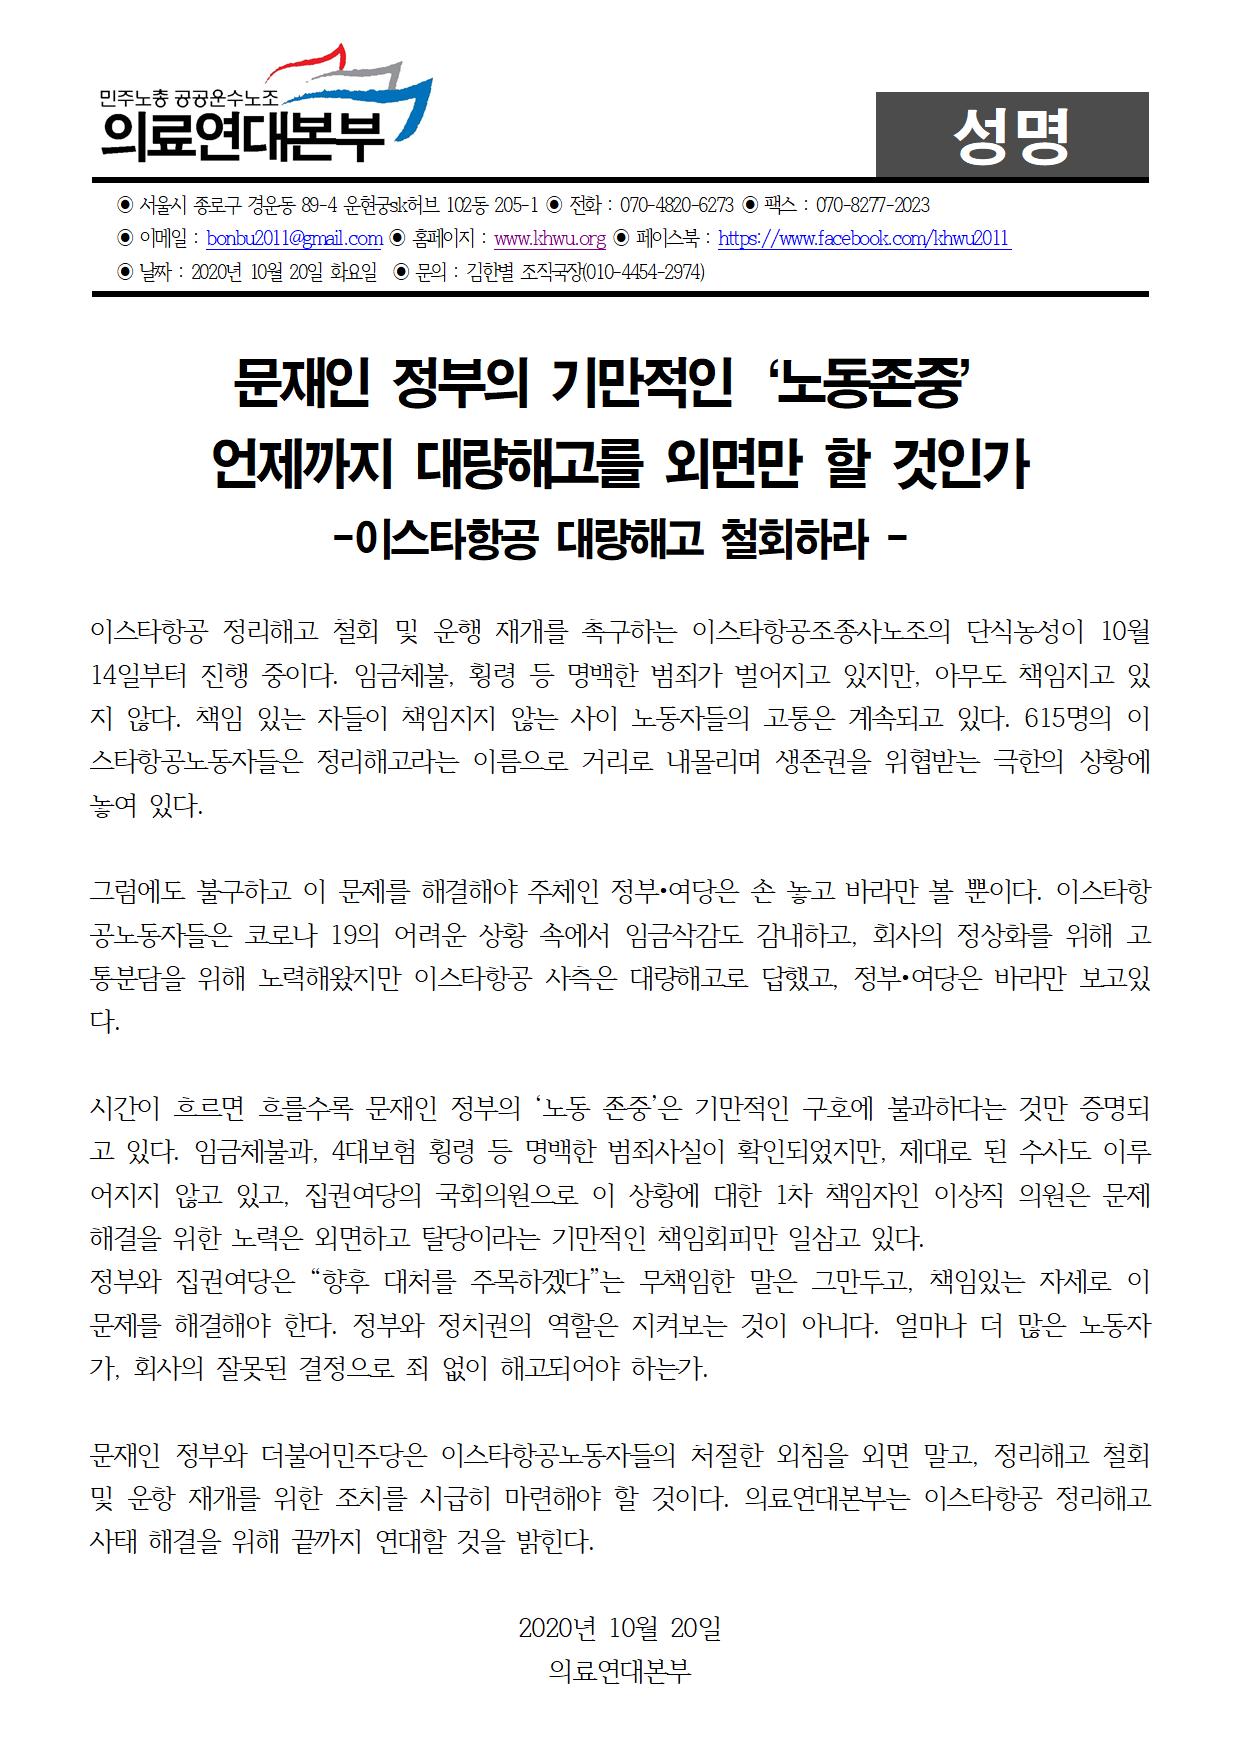 20201020 성명] 이스타항공 대량해고 철회!.png